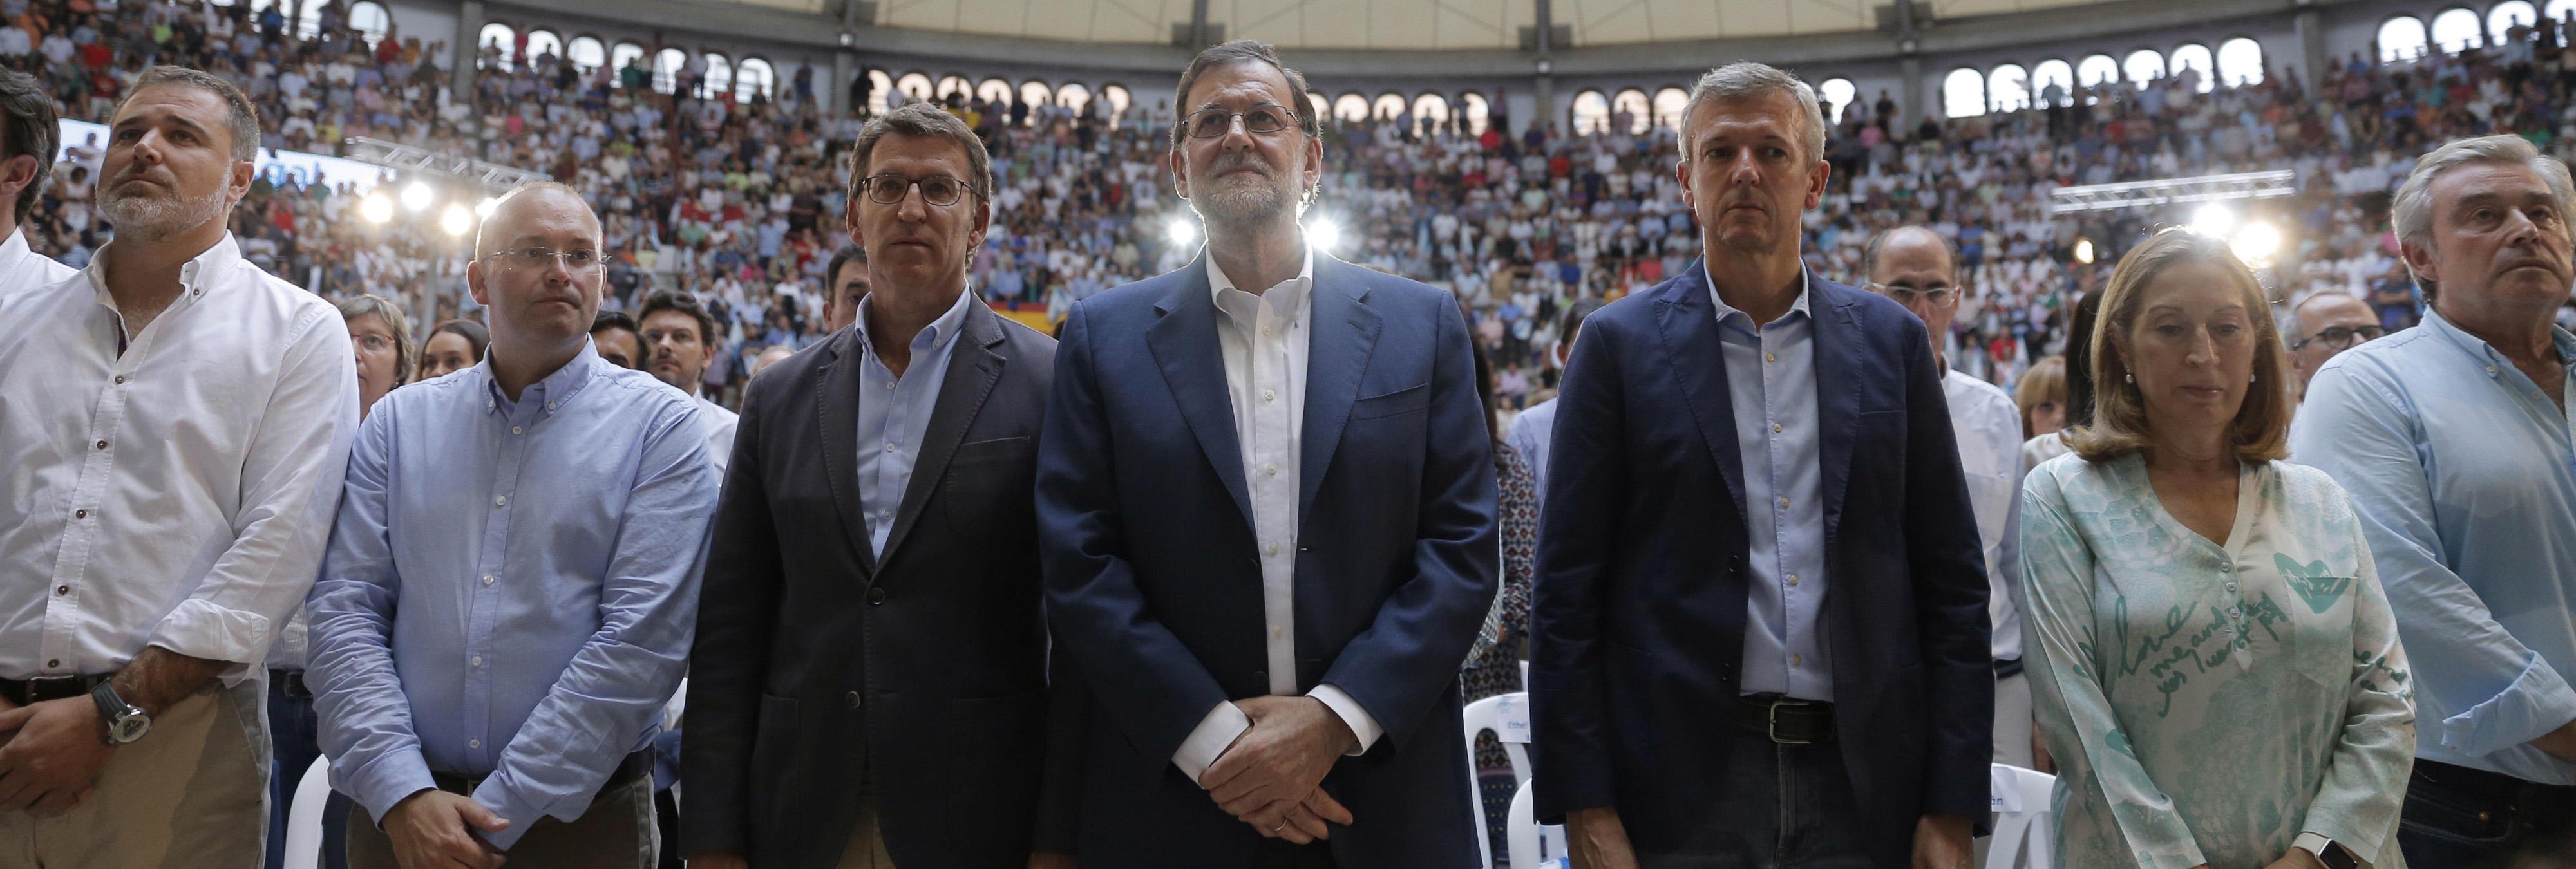 5 claves de las elecciones gallegas y vascas que afectarán en la formación del Gobierno nacional